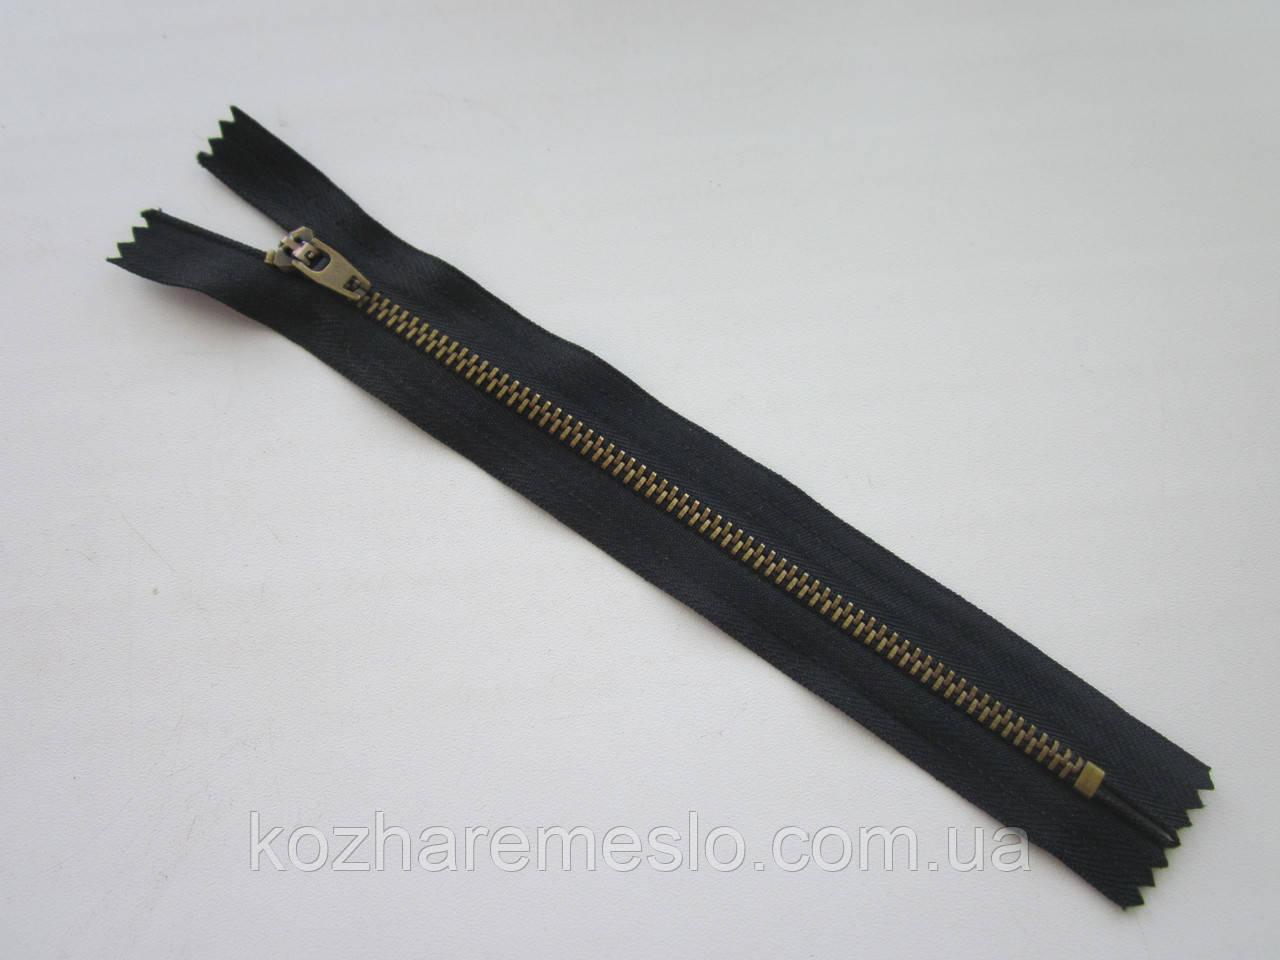 Молния металлическая Т-4 18 см чёрная (антик)